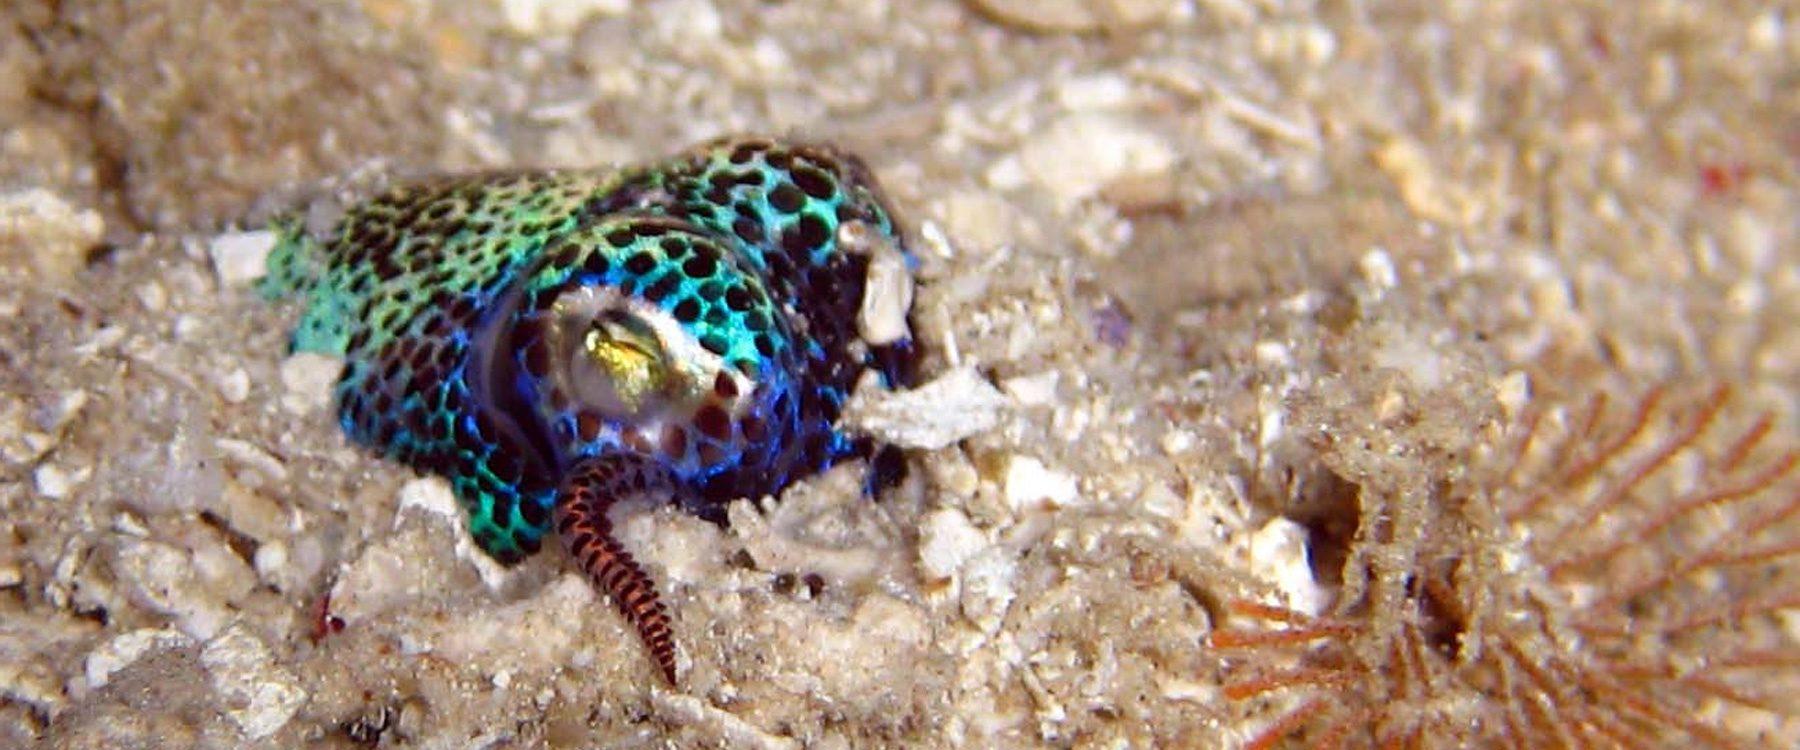 Bobtail_Squid_Indonesia_Symbiosis_Diving